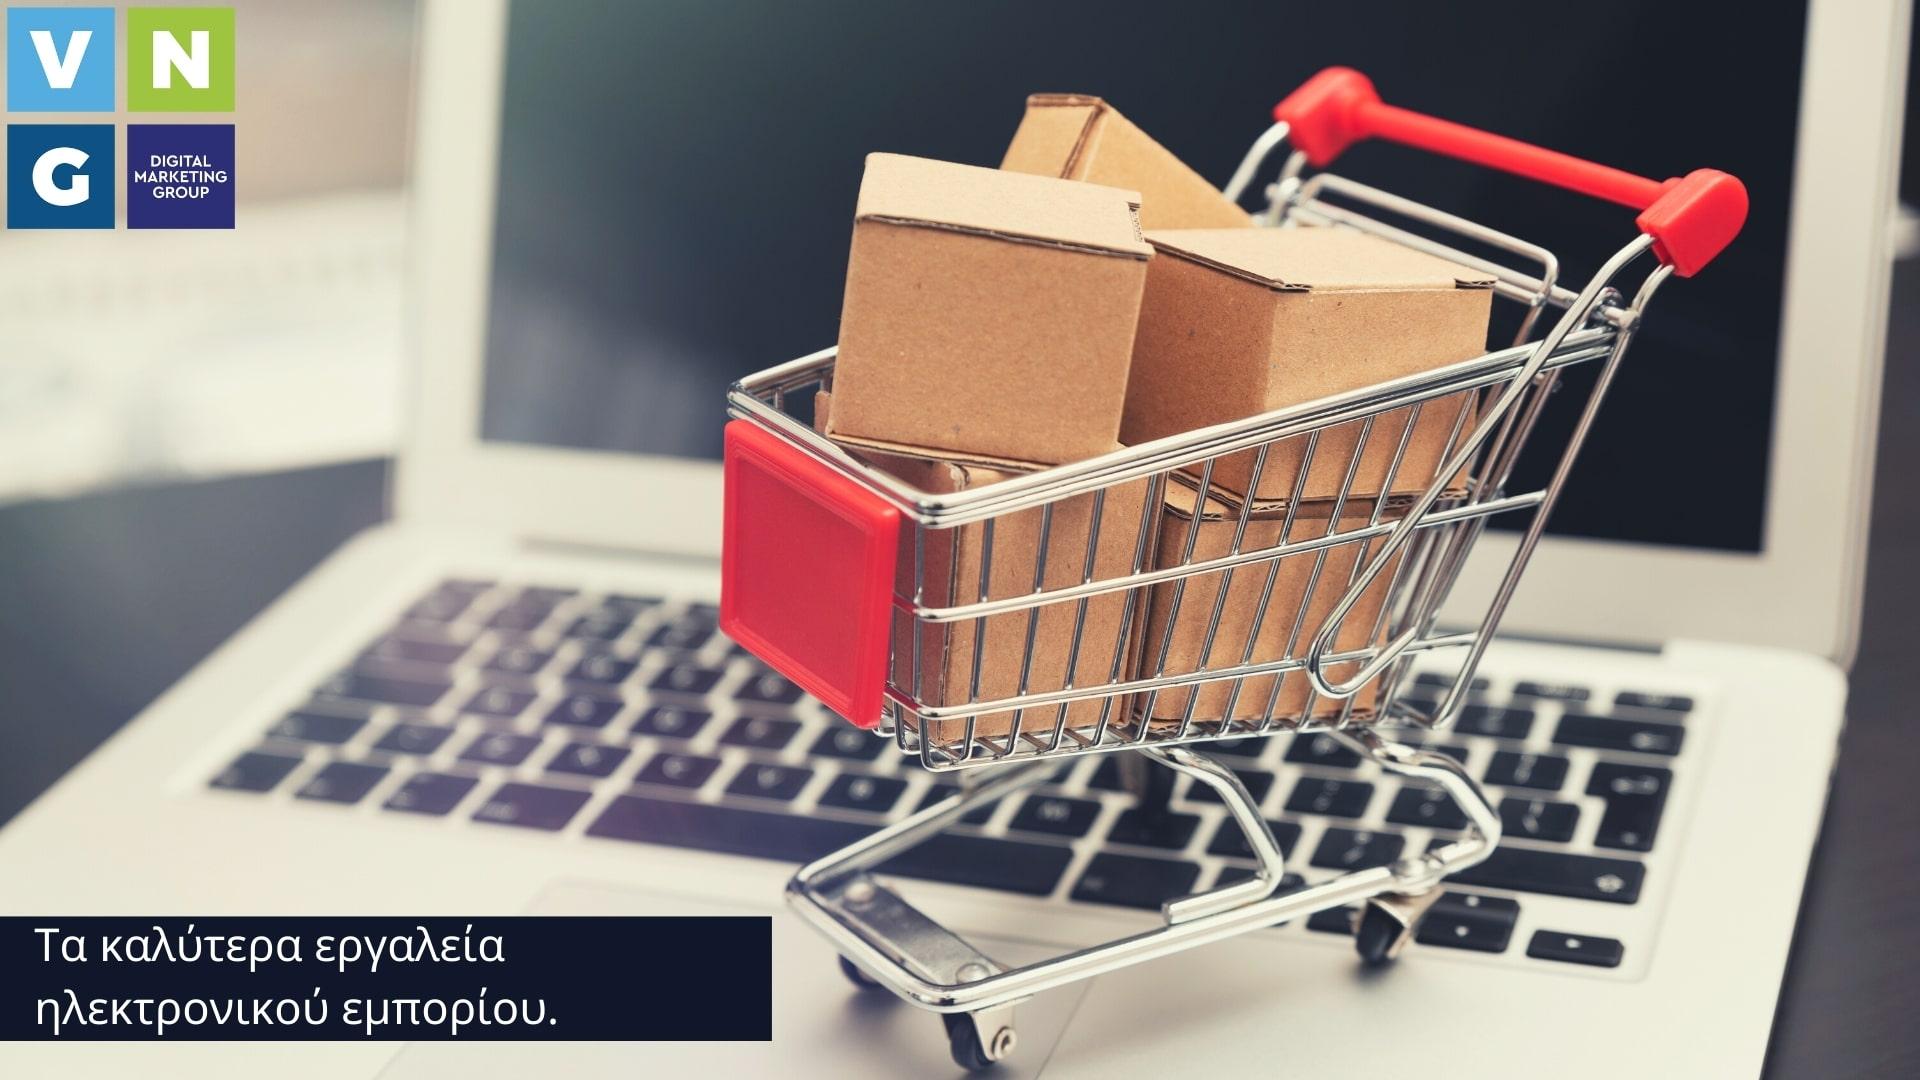 Εργαλεία για το πως θα αυξήσει η επιχείρησή σου τις ηλεκτρονικές της πωλήσεις